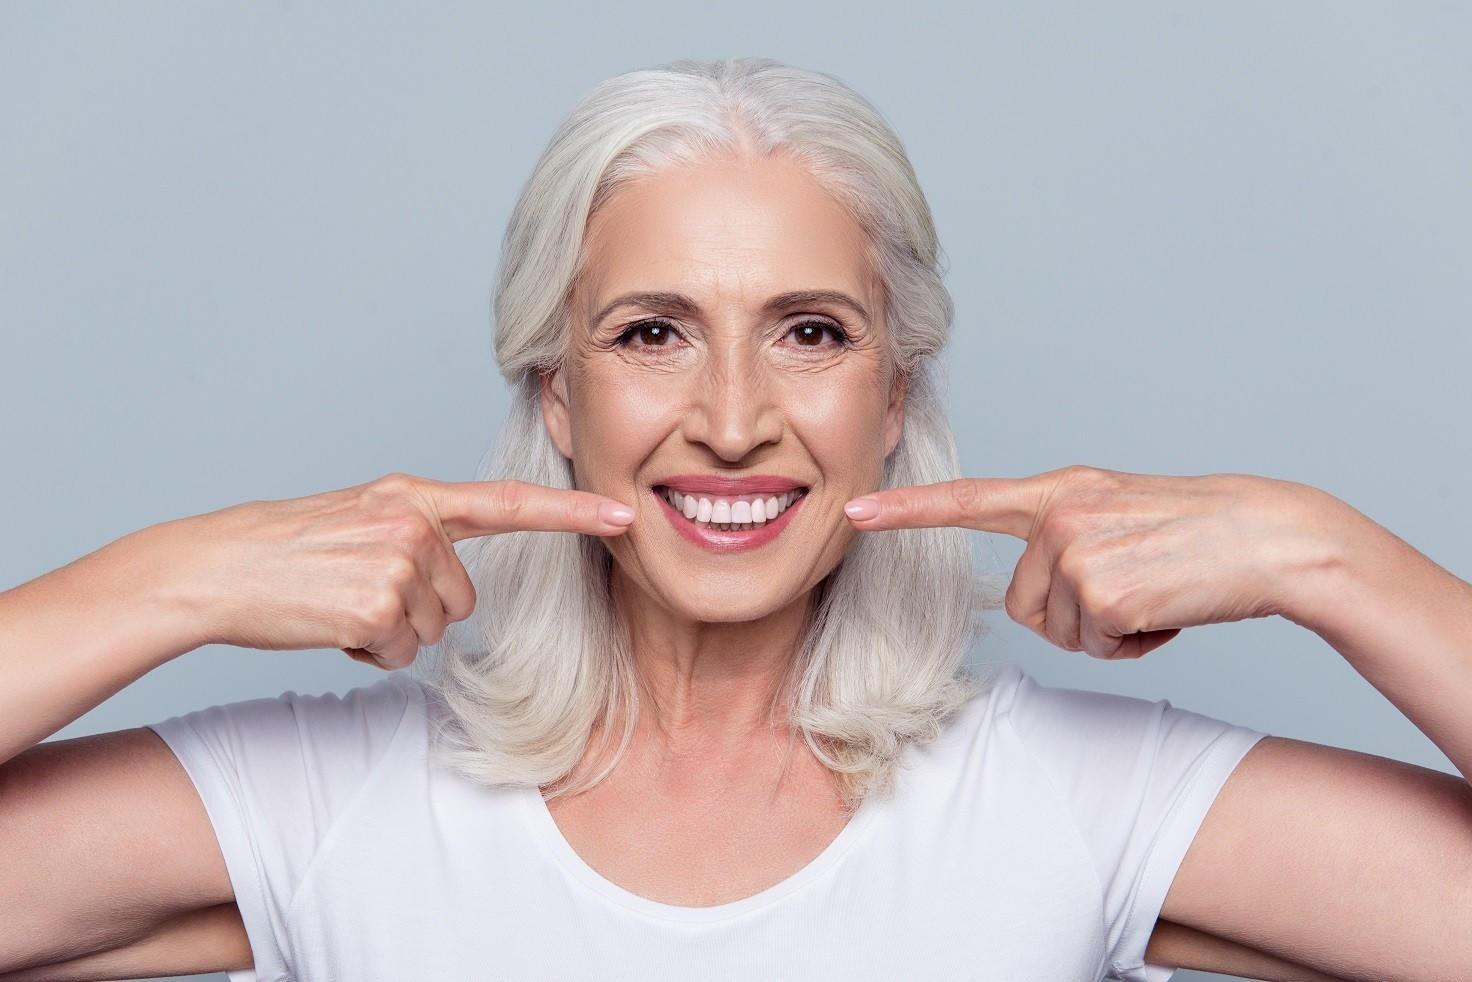 Frau lacht und zeigt auf Zähne